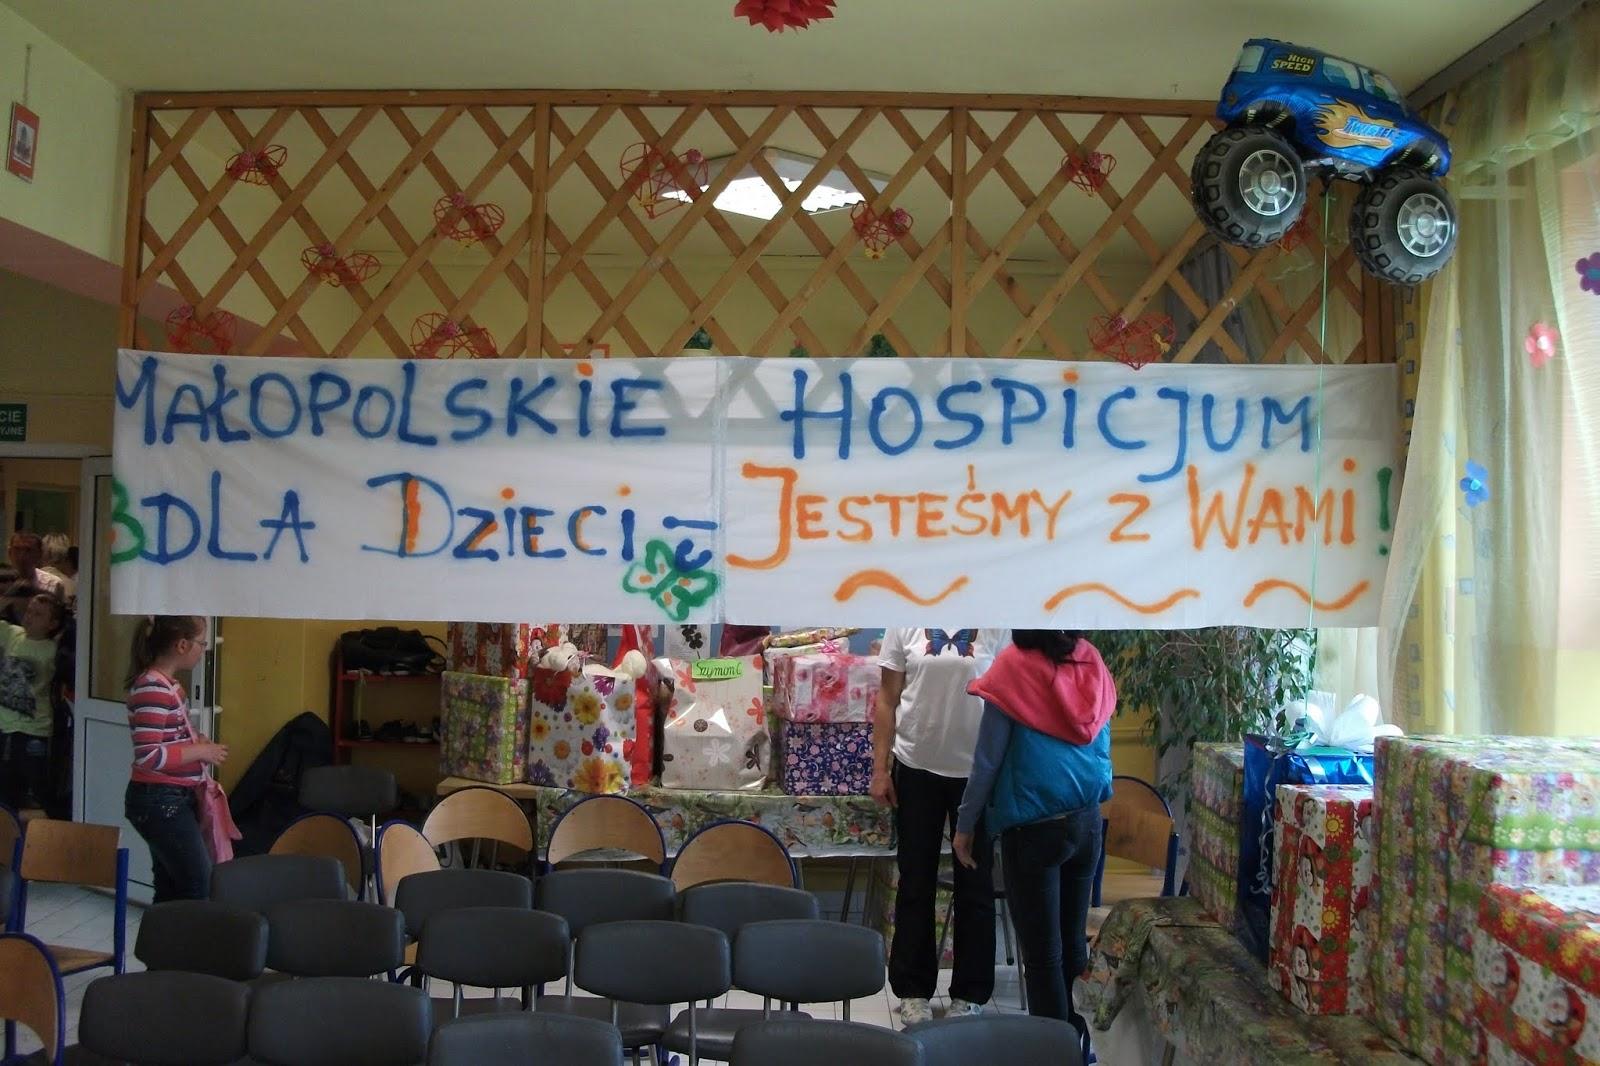 Już drugi raz nasi przyjaciele ze SP w Doczycach, zorganizowali piękne prezenty dla naszych Pacjentów z okazji Dnia Dziecka. Niestety, nie udał się Motylowy przemarsz- ze względu na pogodę został przeniesiony na dzień po 17.06.2013 roku. W przedstawieniu dla uczestników imprezy wystąpili także nauczyciele SP im. KK Baczyńskiego :)!